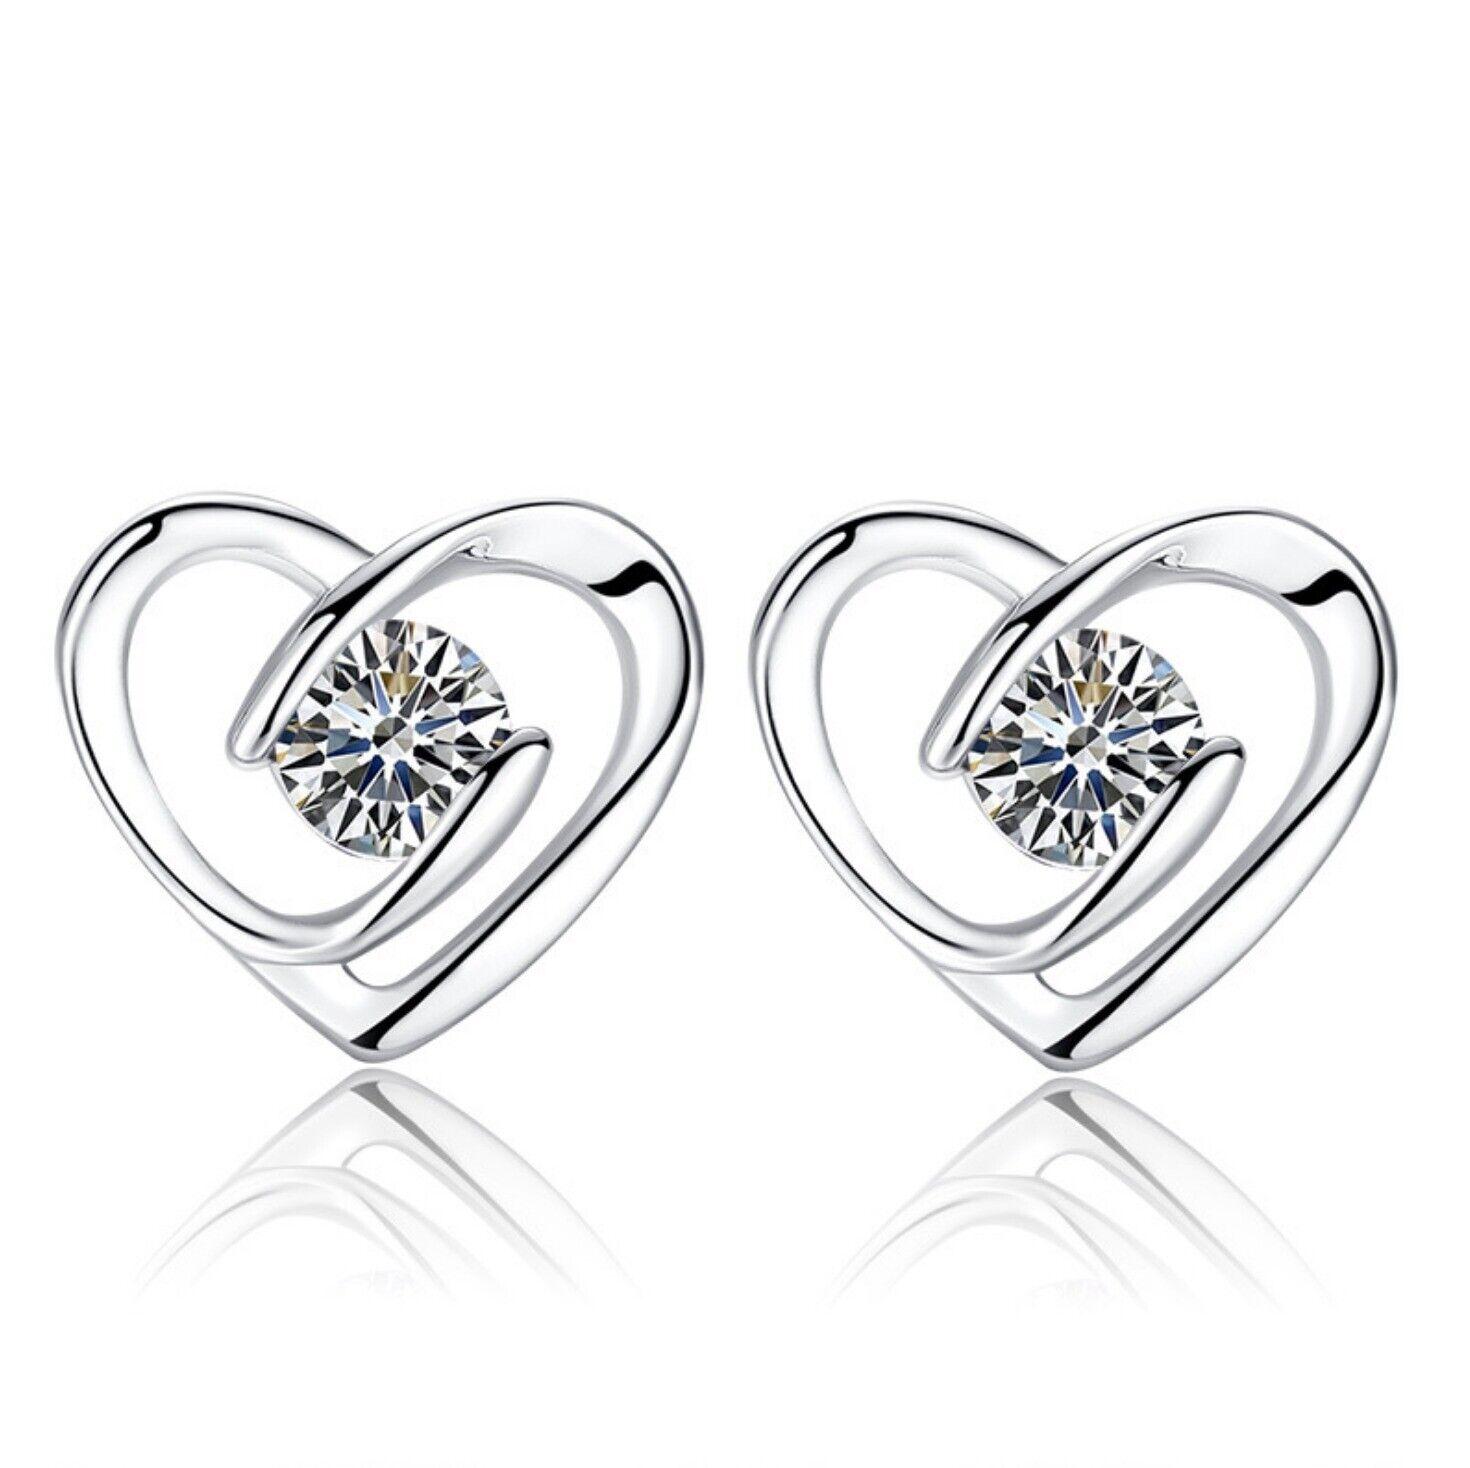 Jewellery - Shine Heart Swirl Stone Stud Earrings 925 Sterling Silver Womens Jewellery Gift